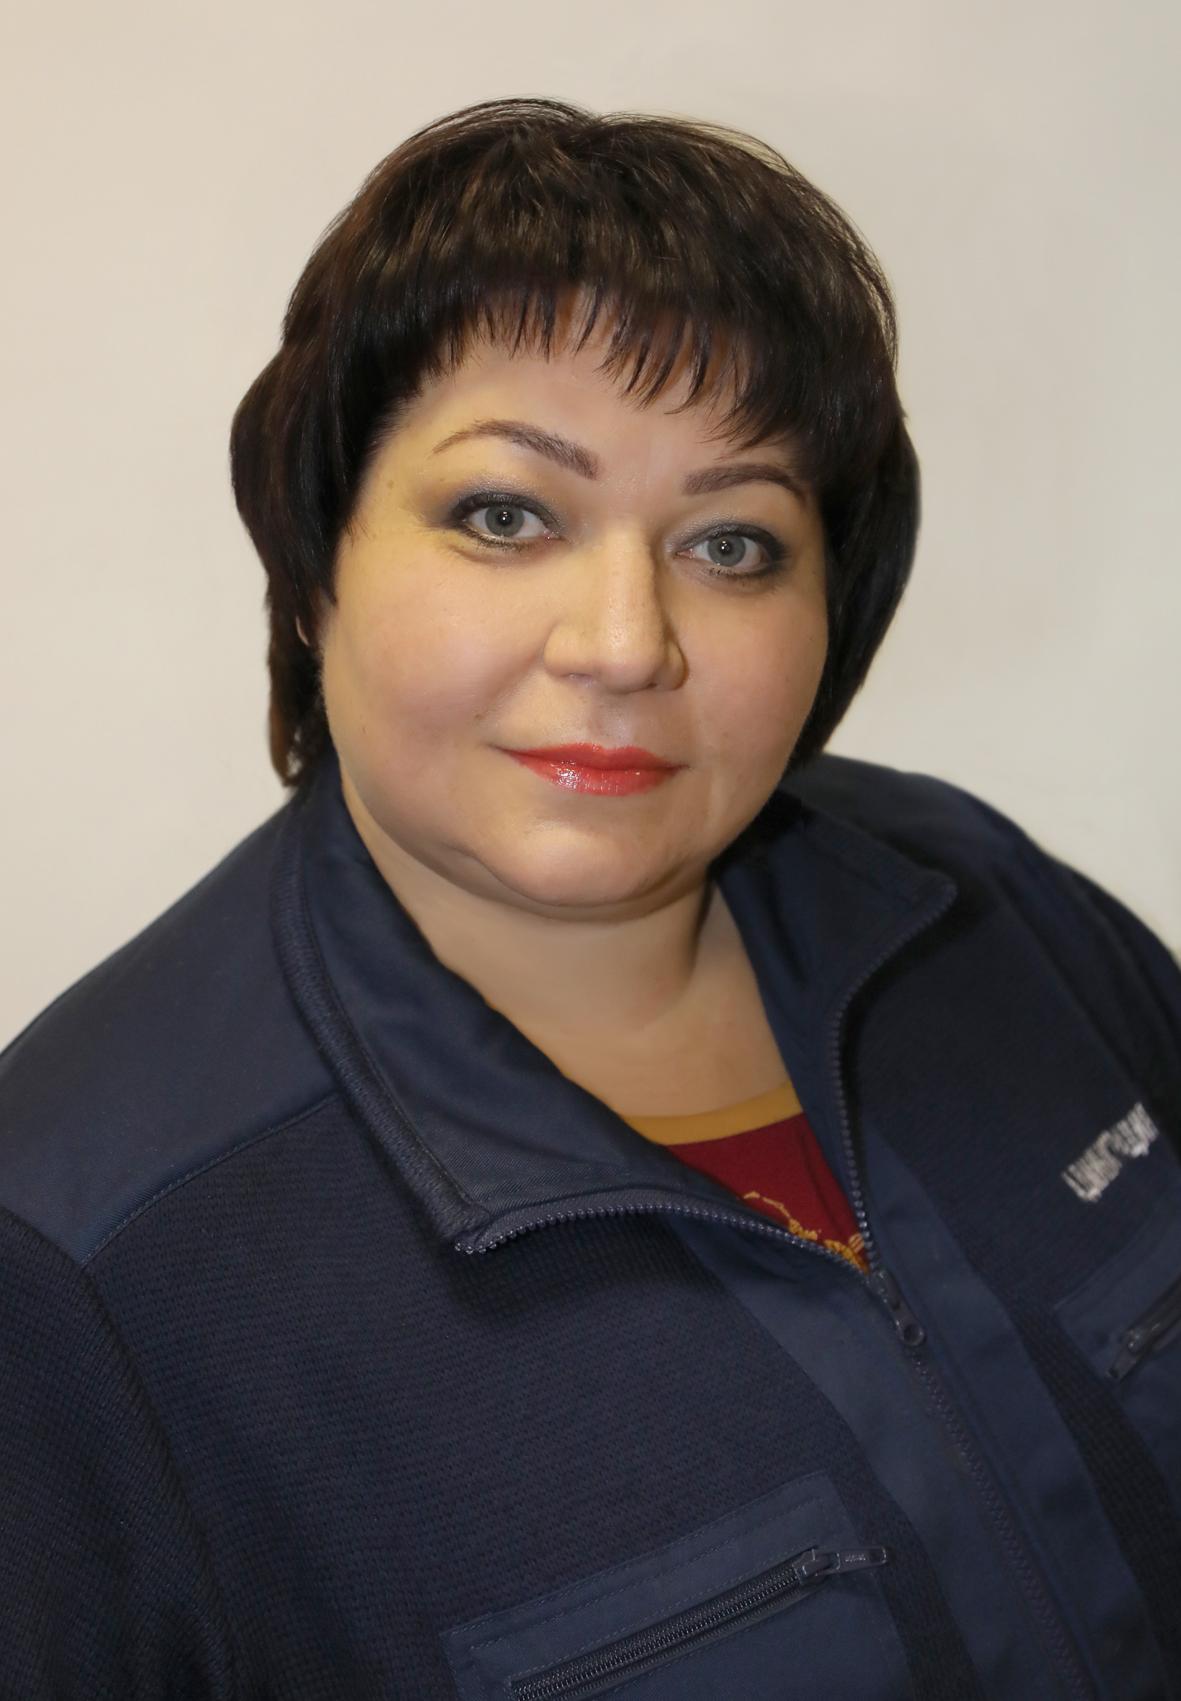 Назначен начальник Управления городского хозяйства администрации города Байконура